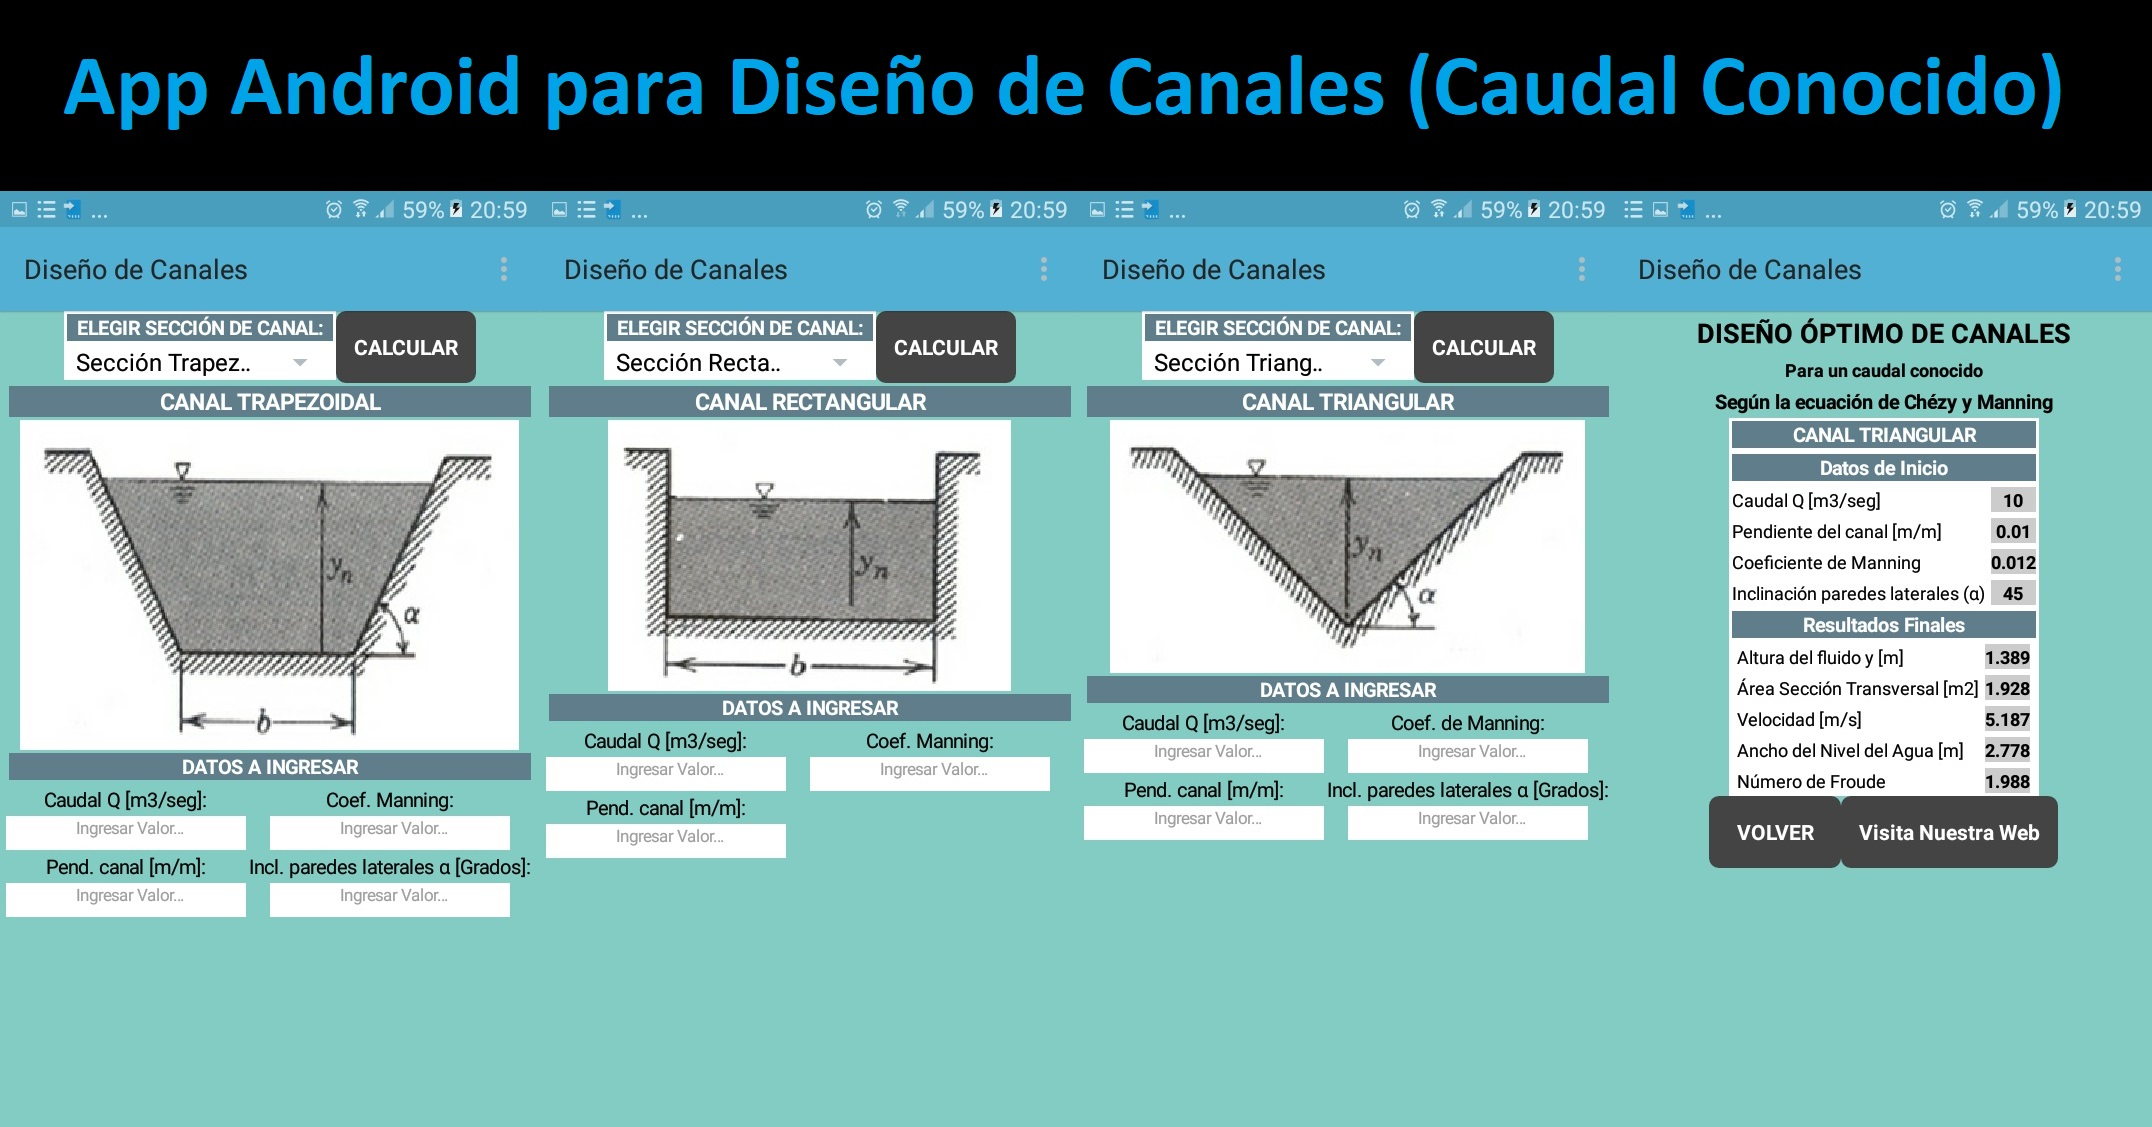 App Android para Diseño de Canales